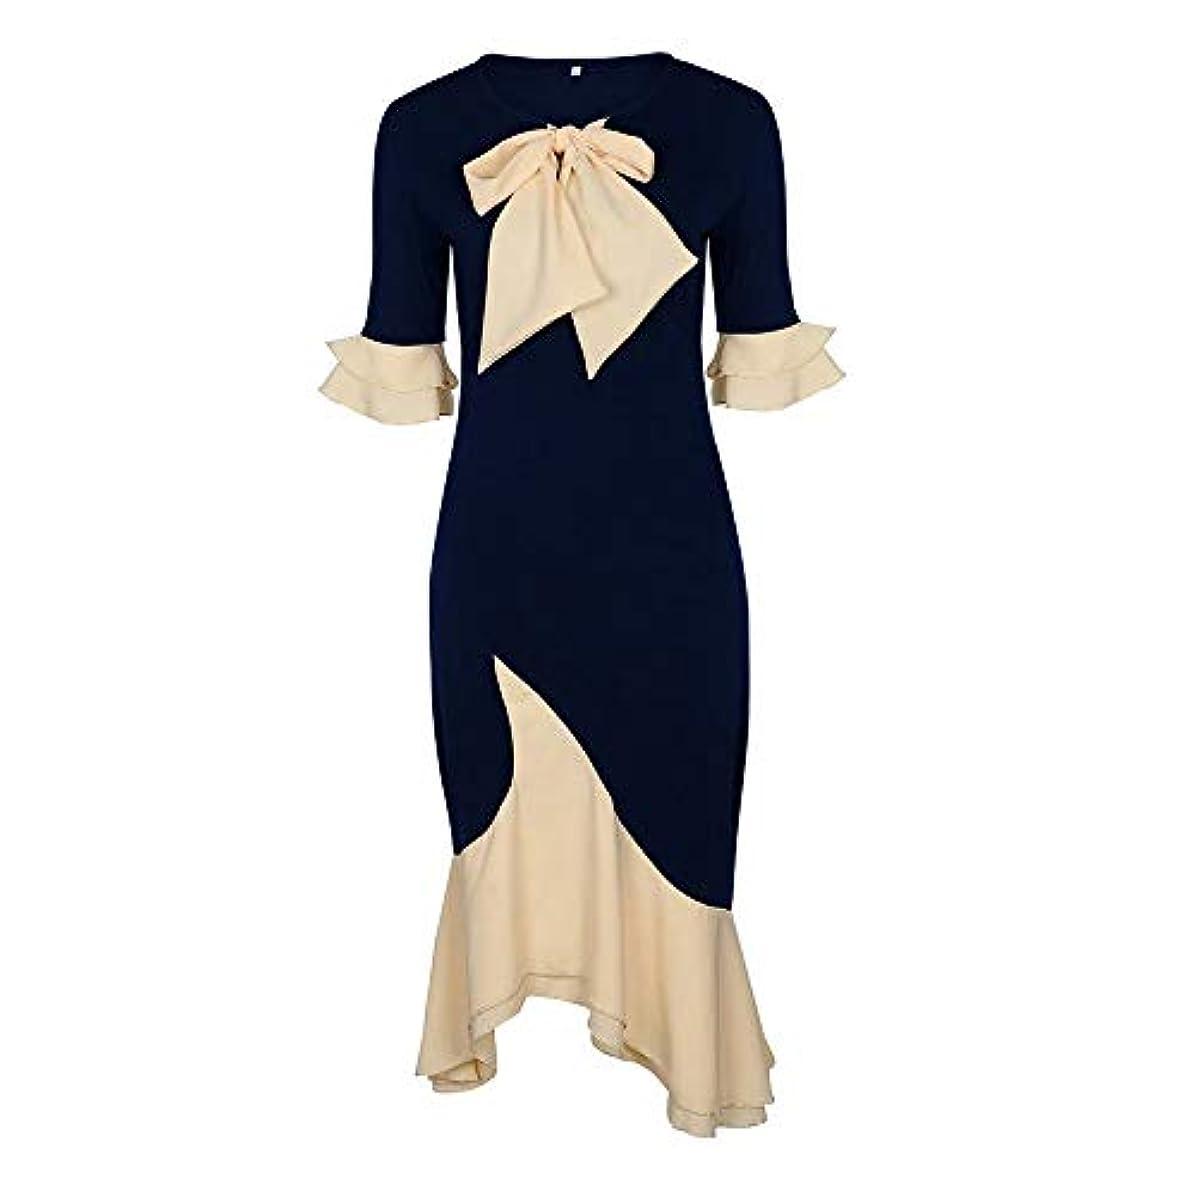 簡単にはさみ聖なるOnderroa - ヴィンテージエレガントなオフィスレディーの女性のドレスマーメイドフレアスリーブボウカラーファルバラの女の子セクシーな女性レトロなパーティードレス